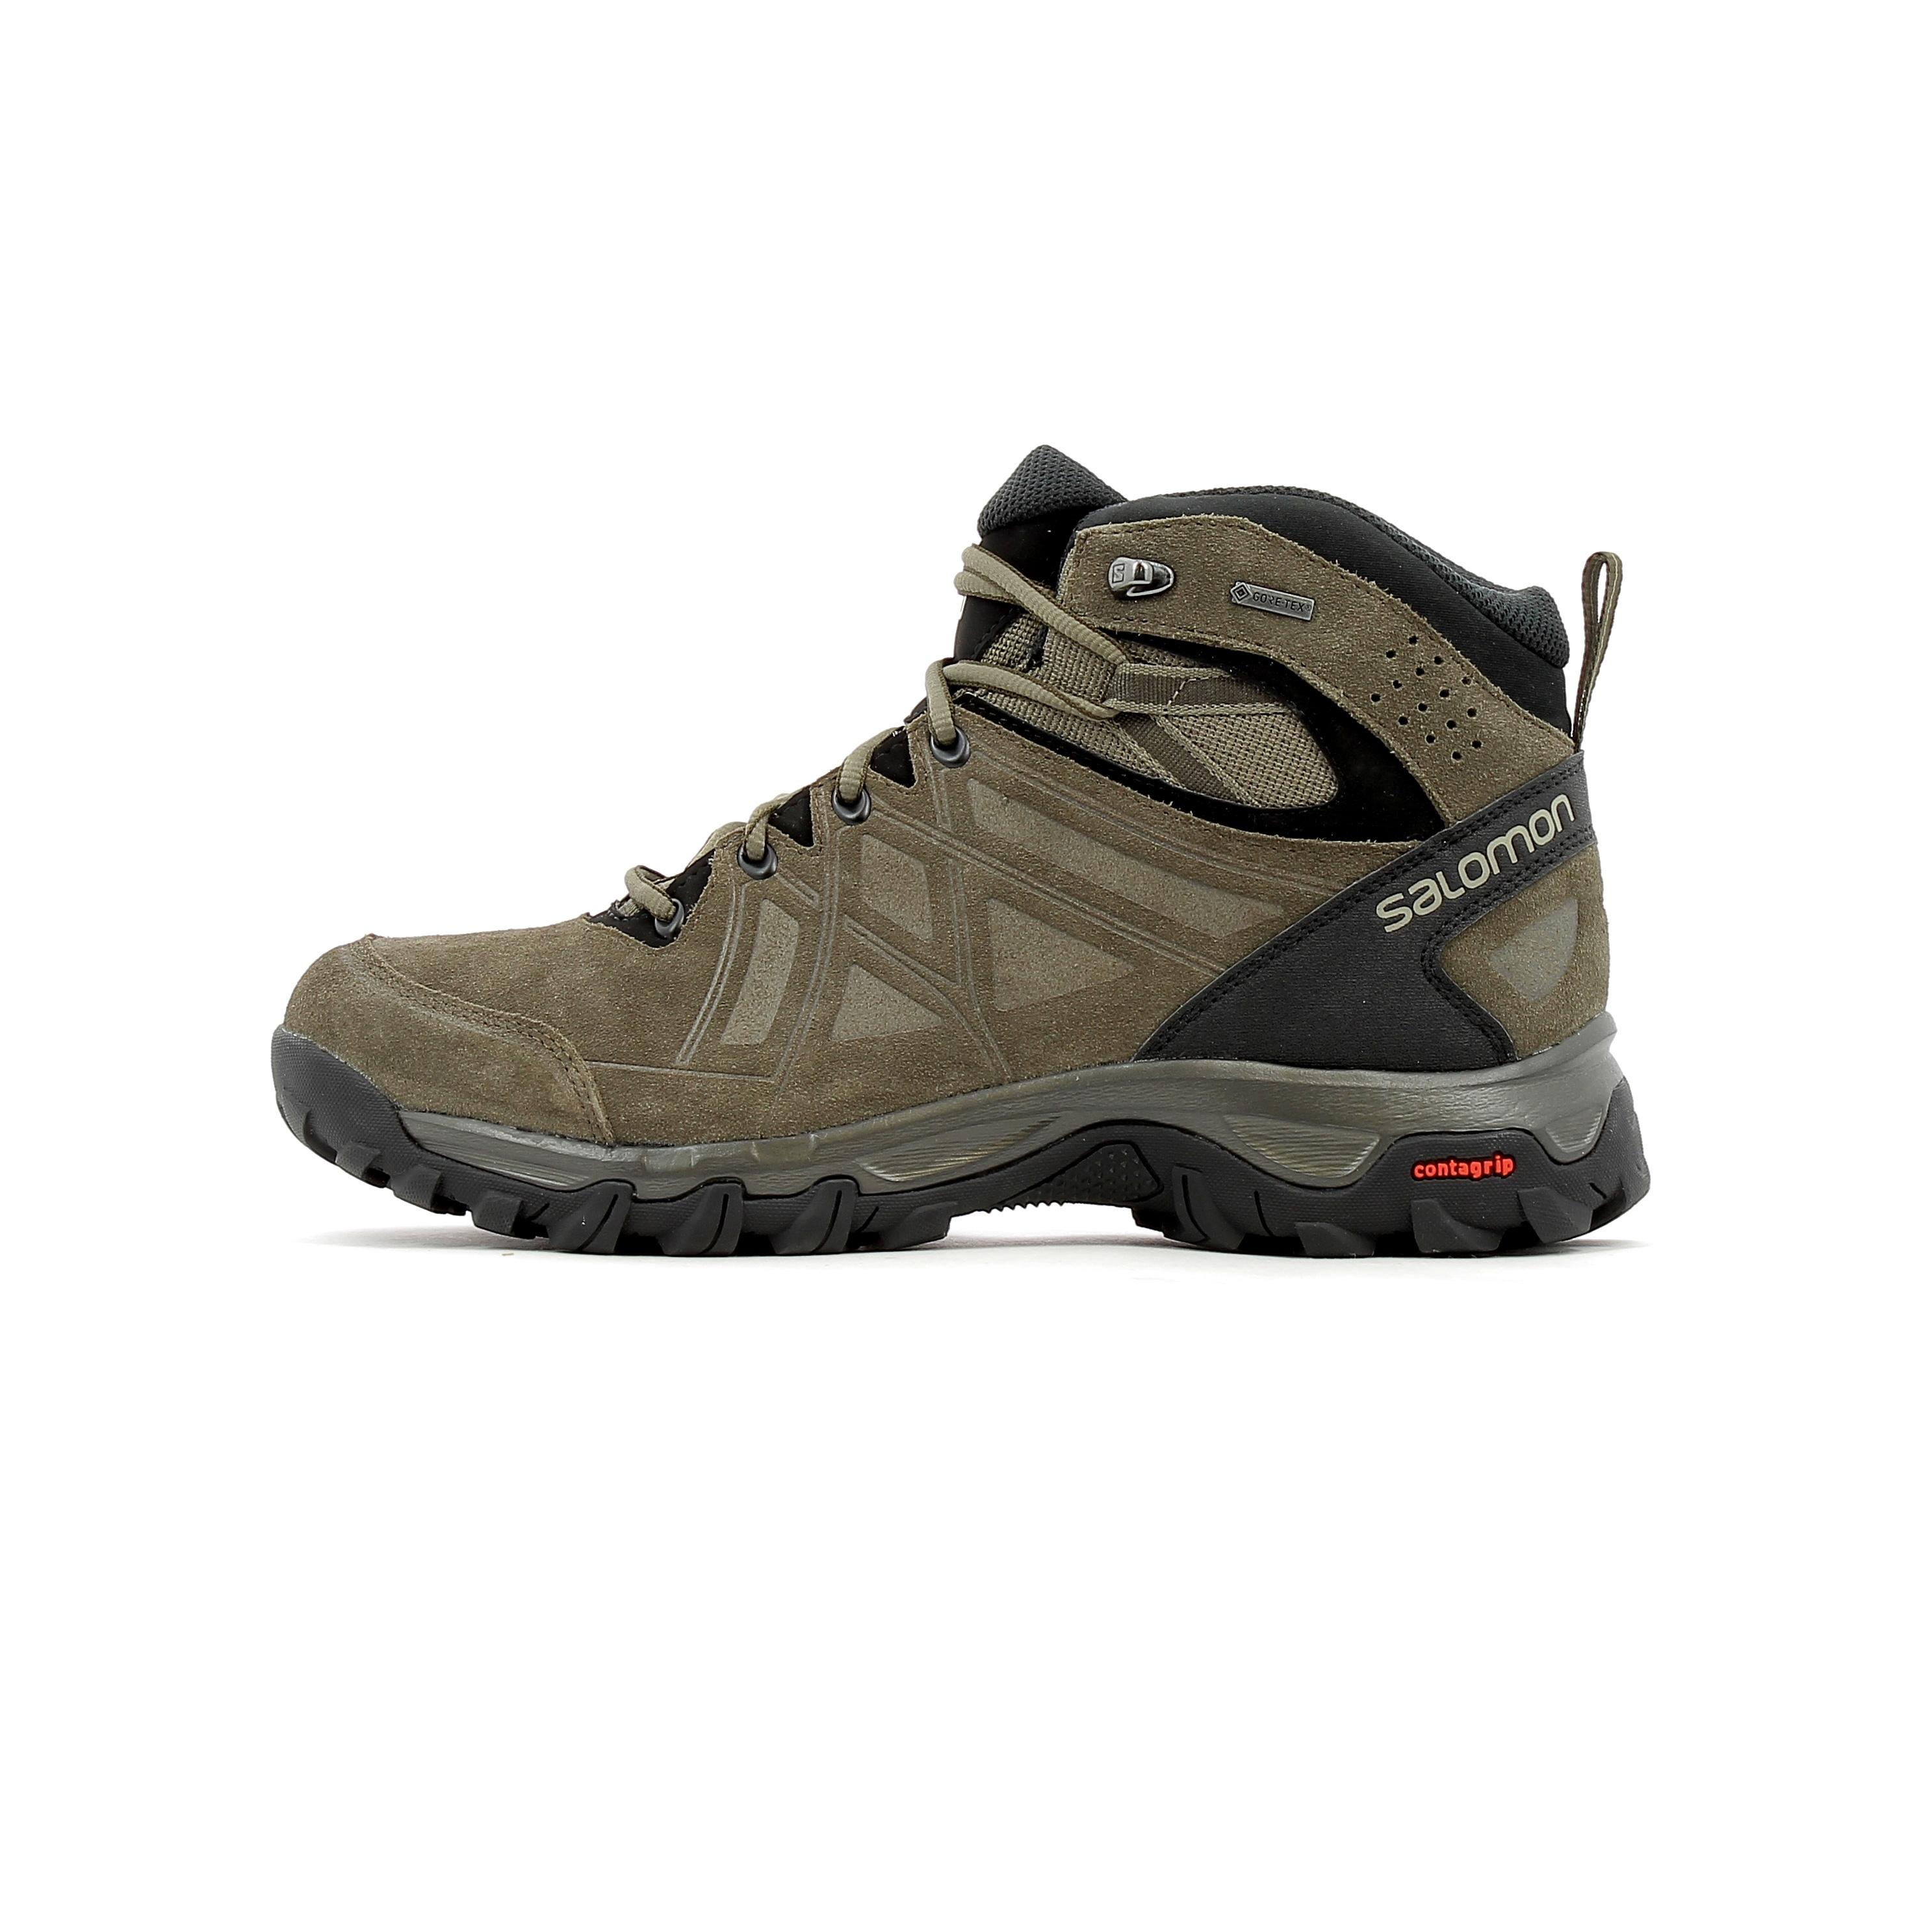 d8b3fbb7 Chaussure de randonnée Goretex Salomon Evasion 2 Mid LTR GTX